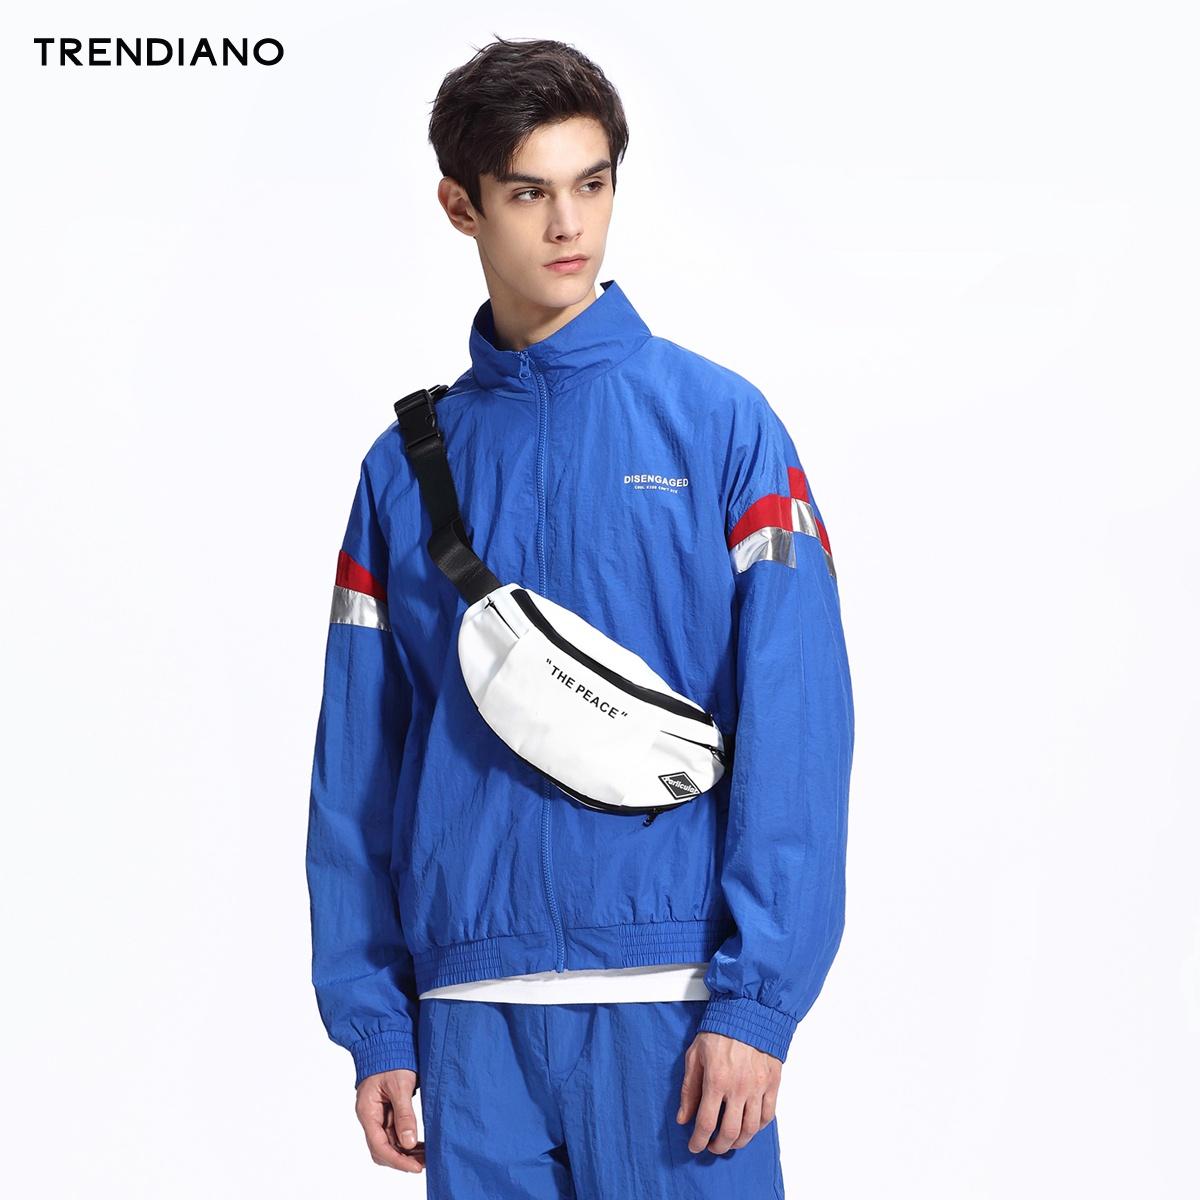 TRENDIANO男装春装宽松拼接条纹字母夹克外套男3GC1041760